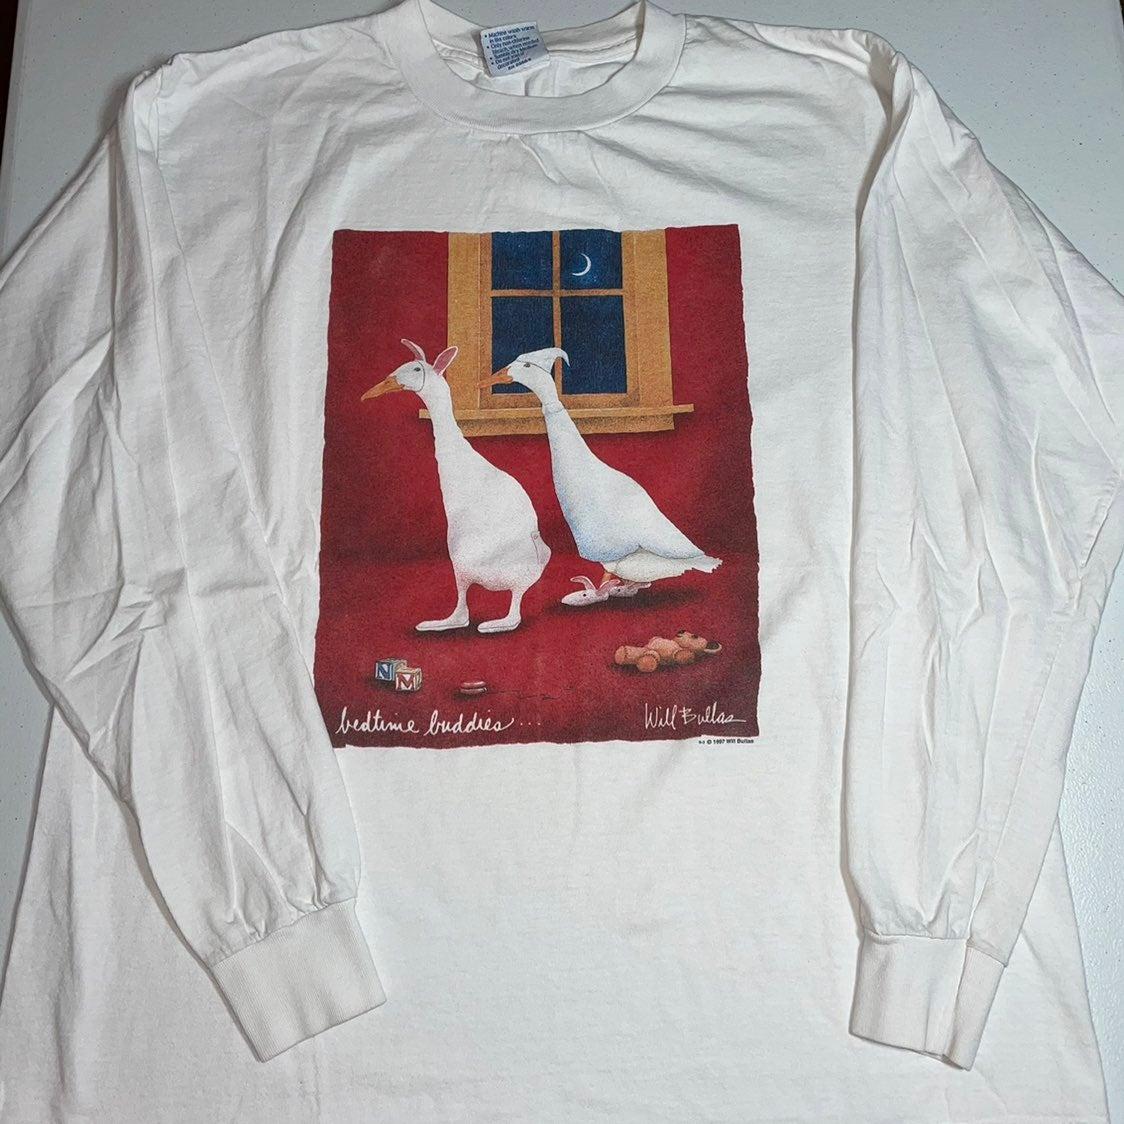 Vintage will bullas art shirt